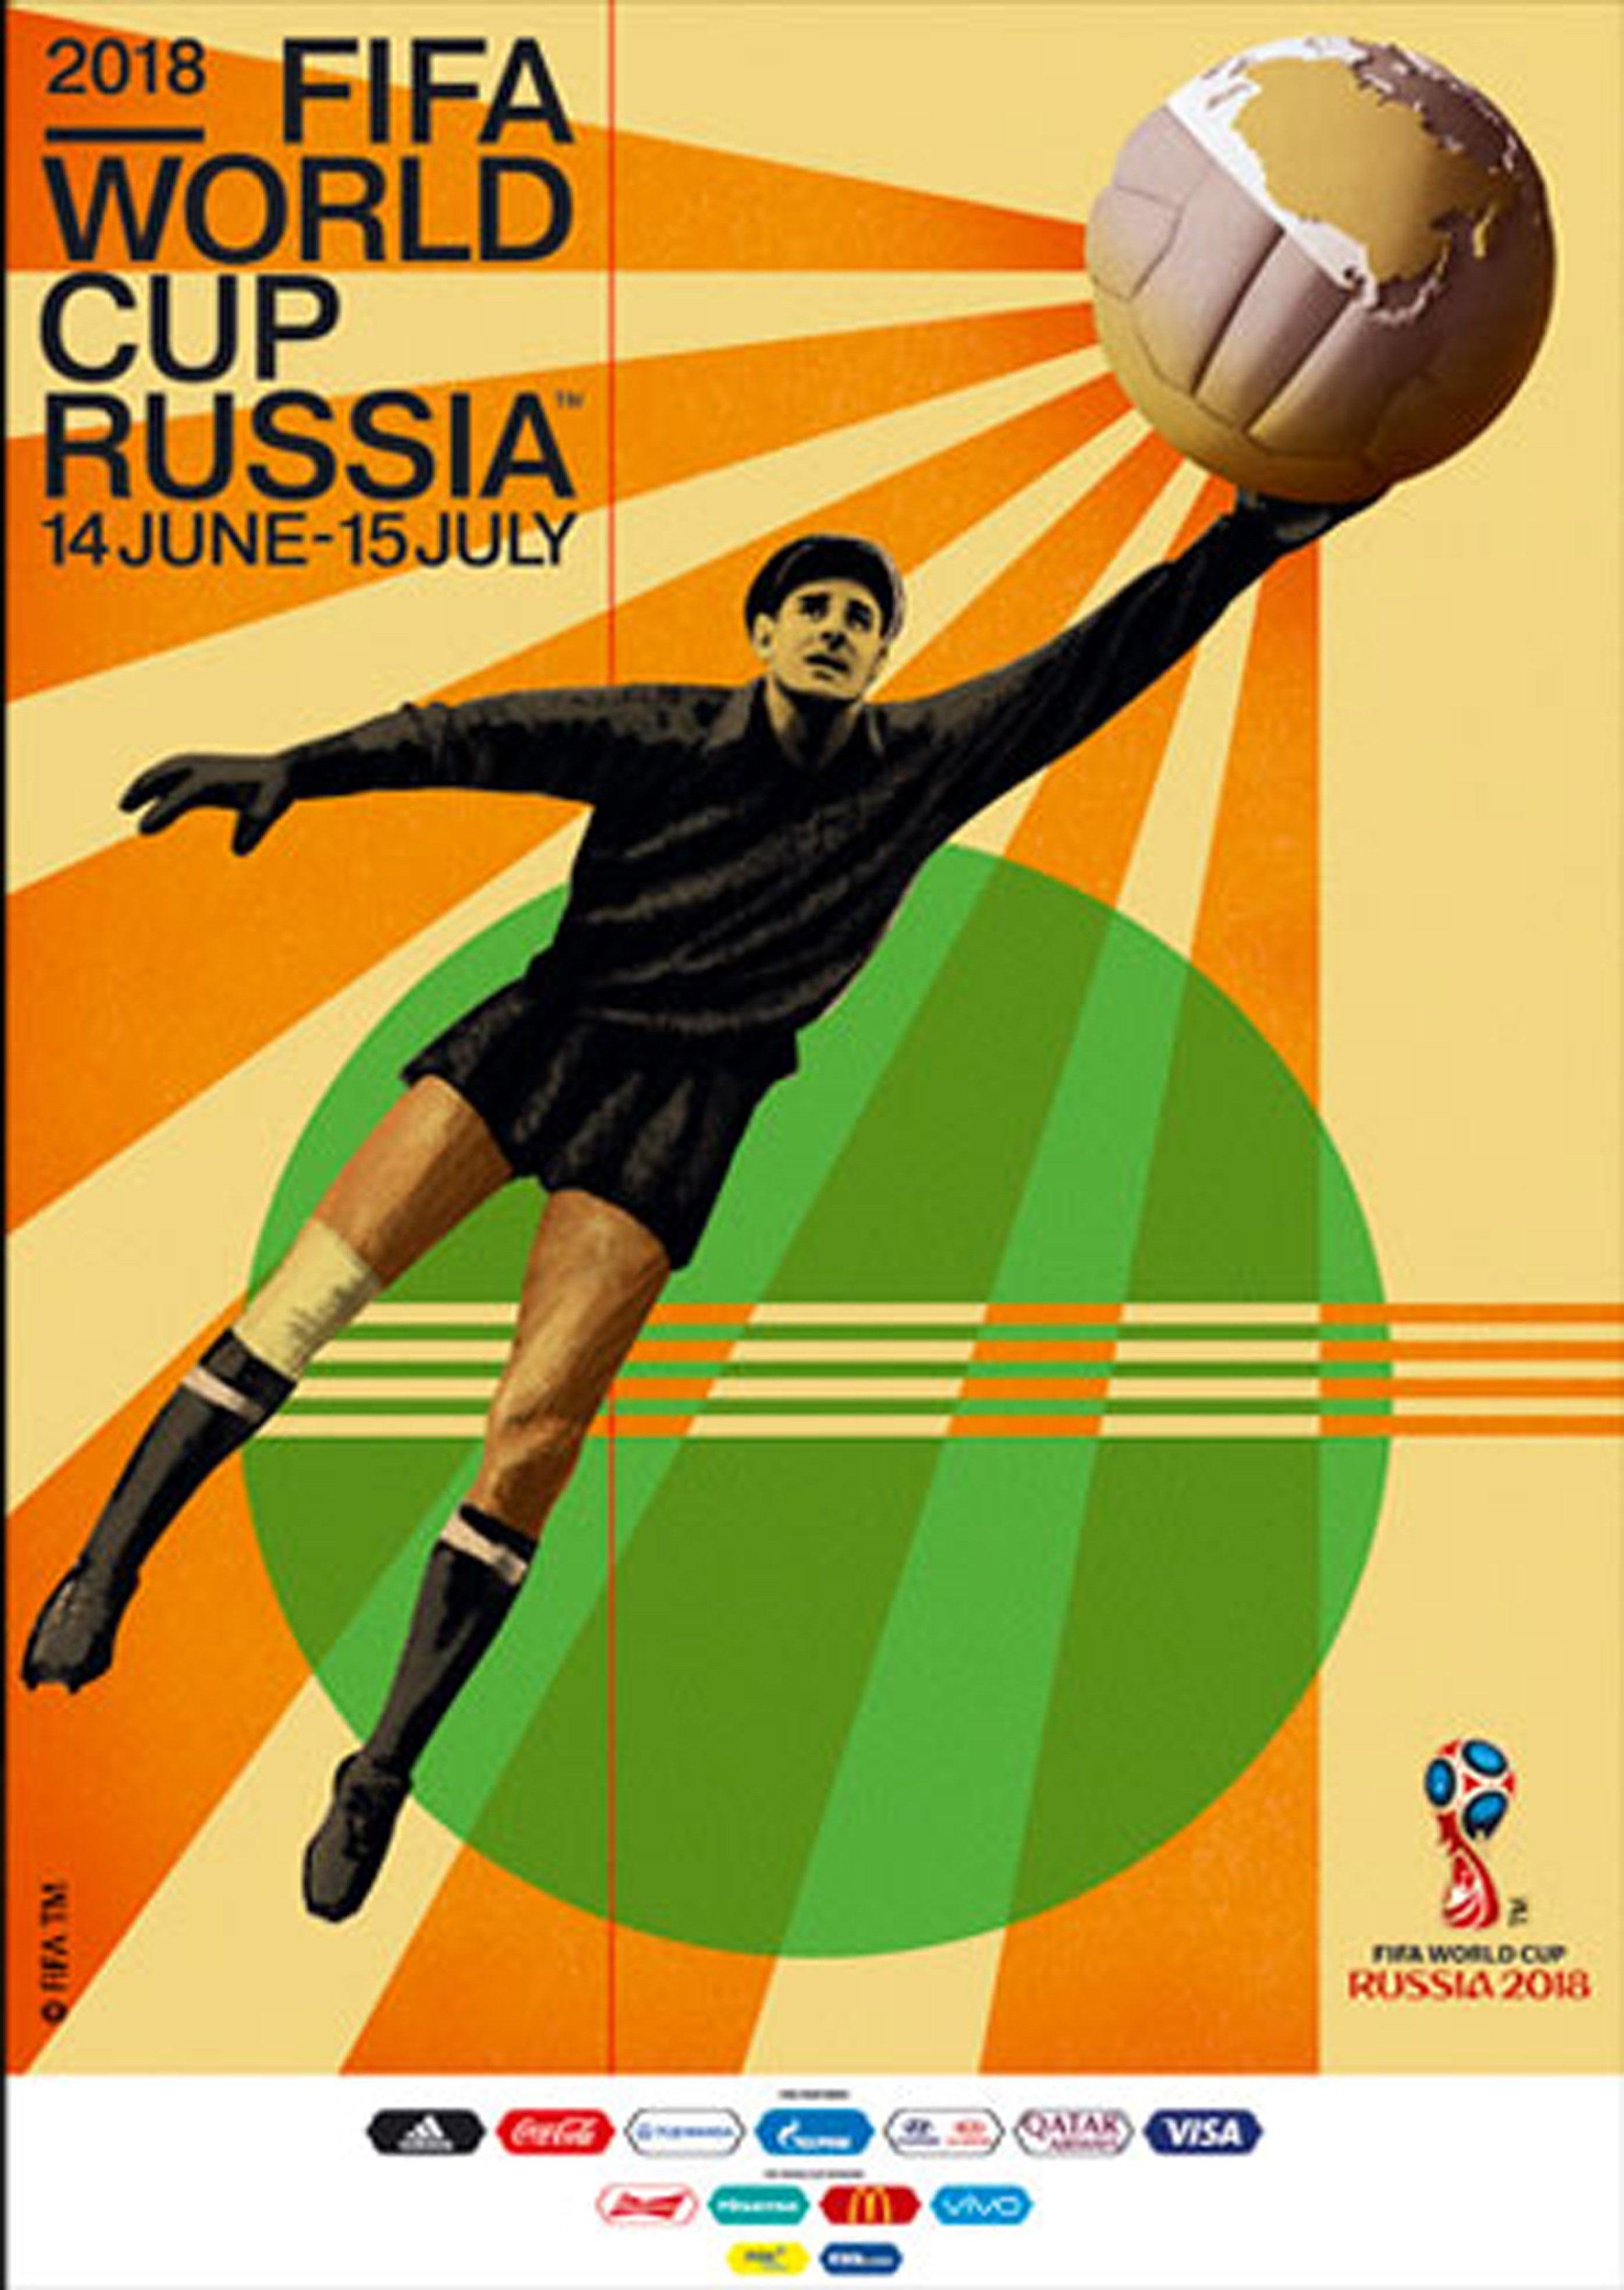 fifa world cup 2018 poster igor gurovich bigumigu